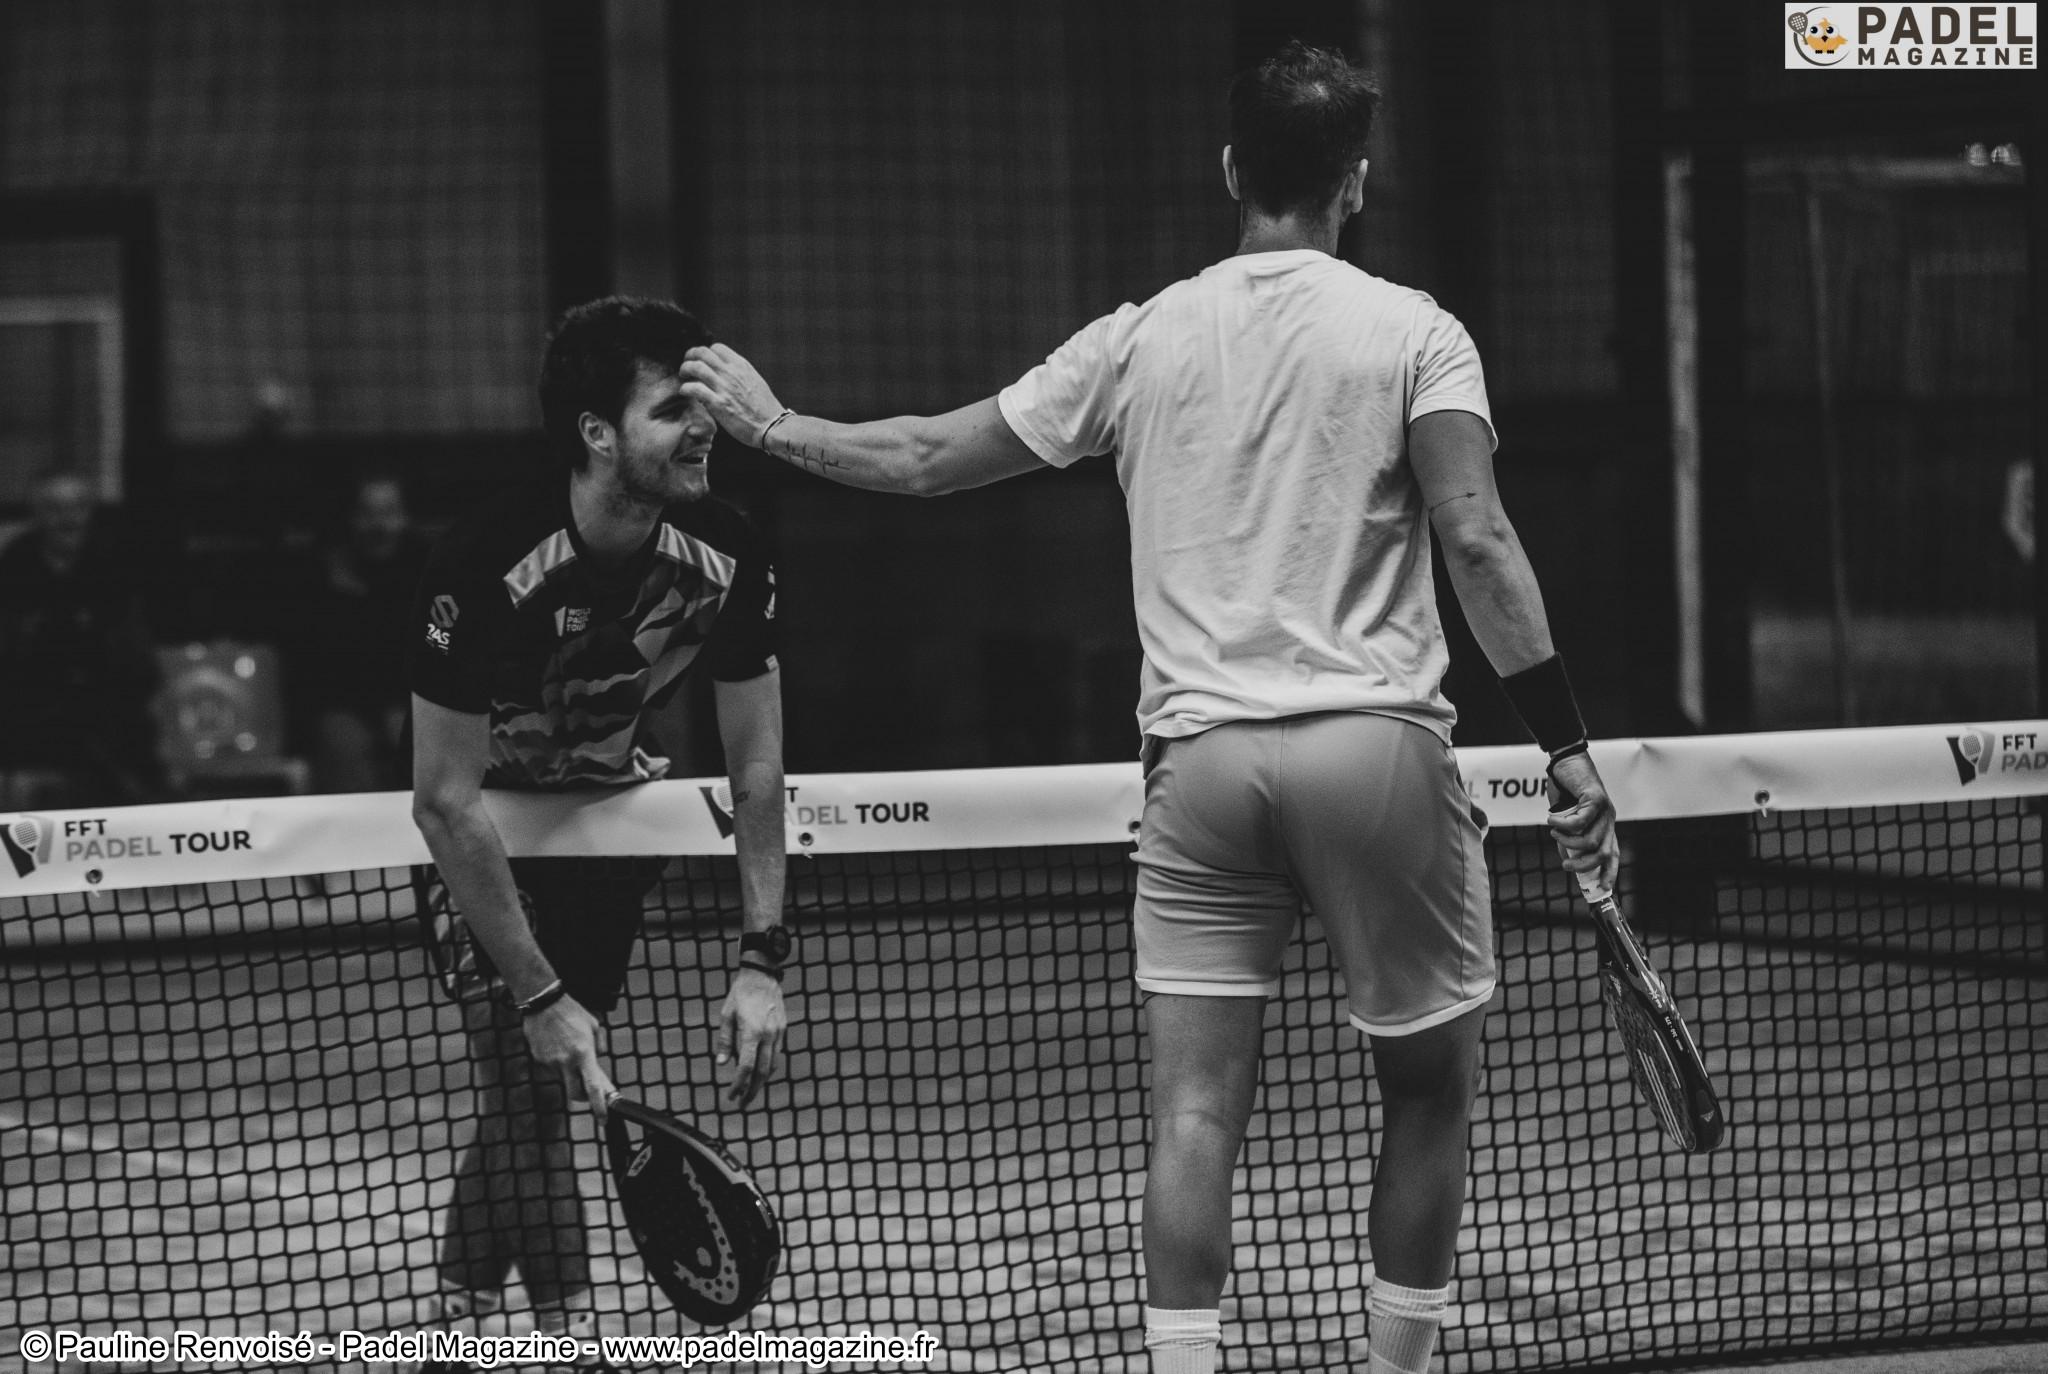 モロー/ベルジェロン:アリカンテオープンでのひどい状況での偉業